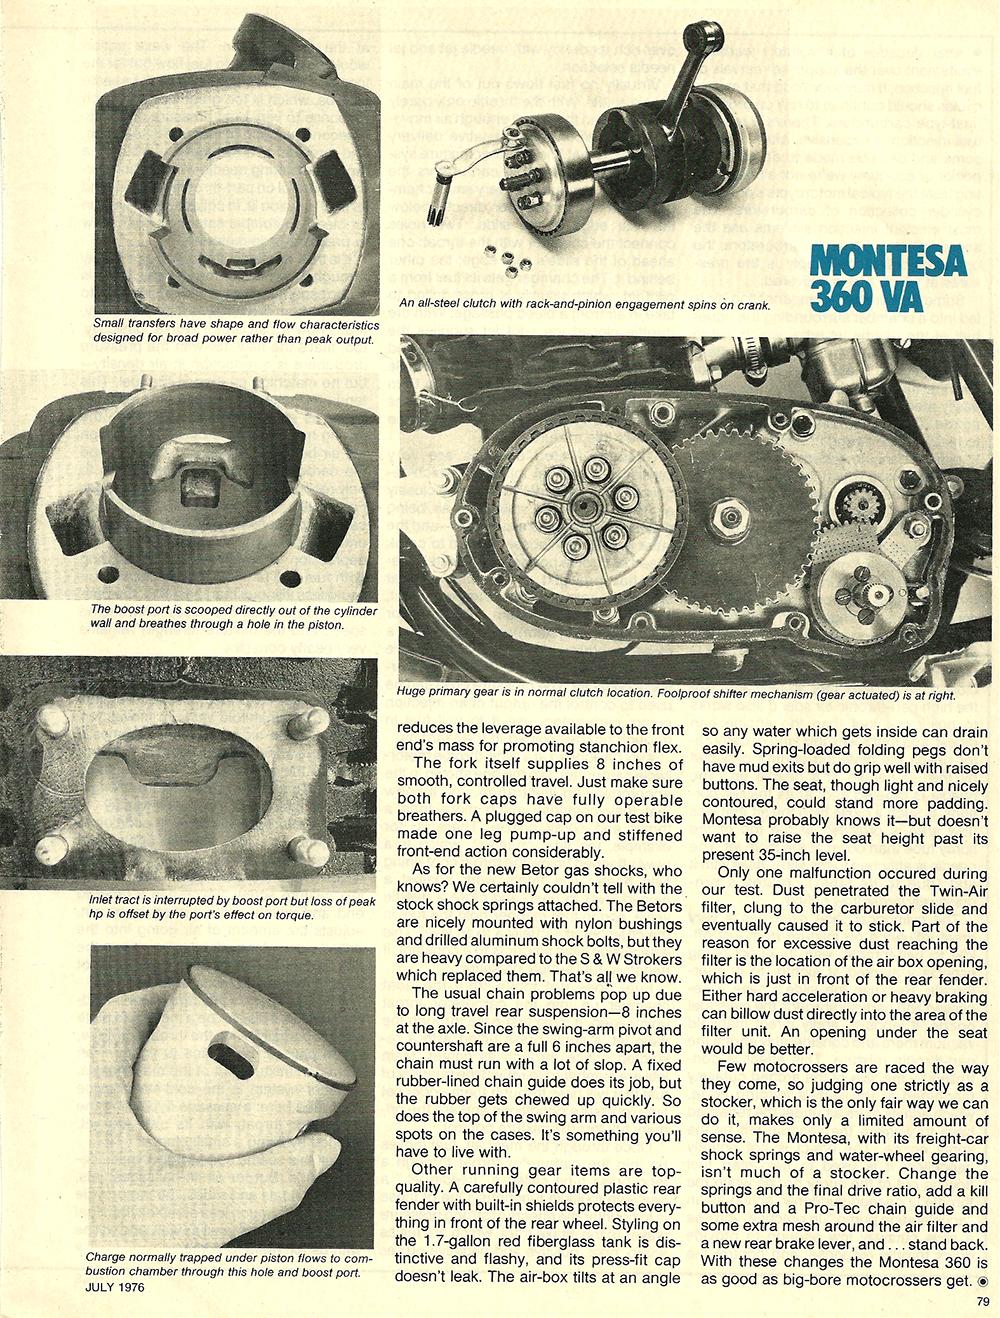 1976 Montesa 360 VA road test 6.jpg